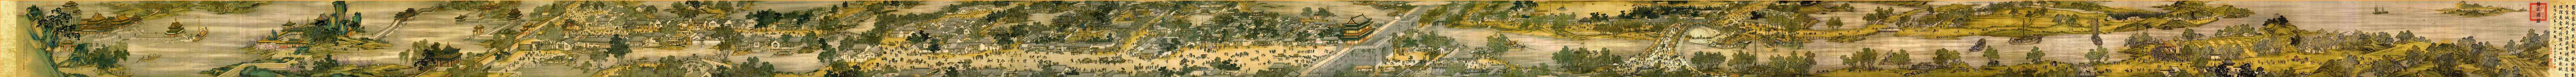 中华艺术瑰宝----清明上河图 - 我爱雅库 - 同步教学视频